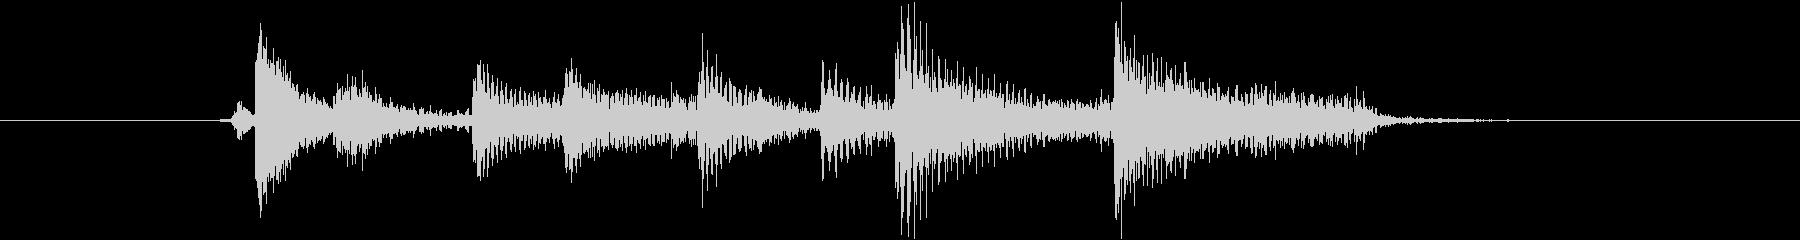 生音 三味線 ショートフレーズ3の未再生の波形